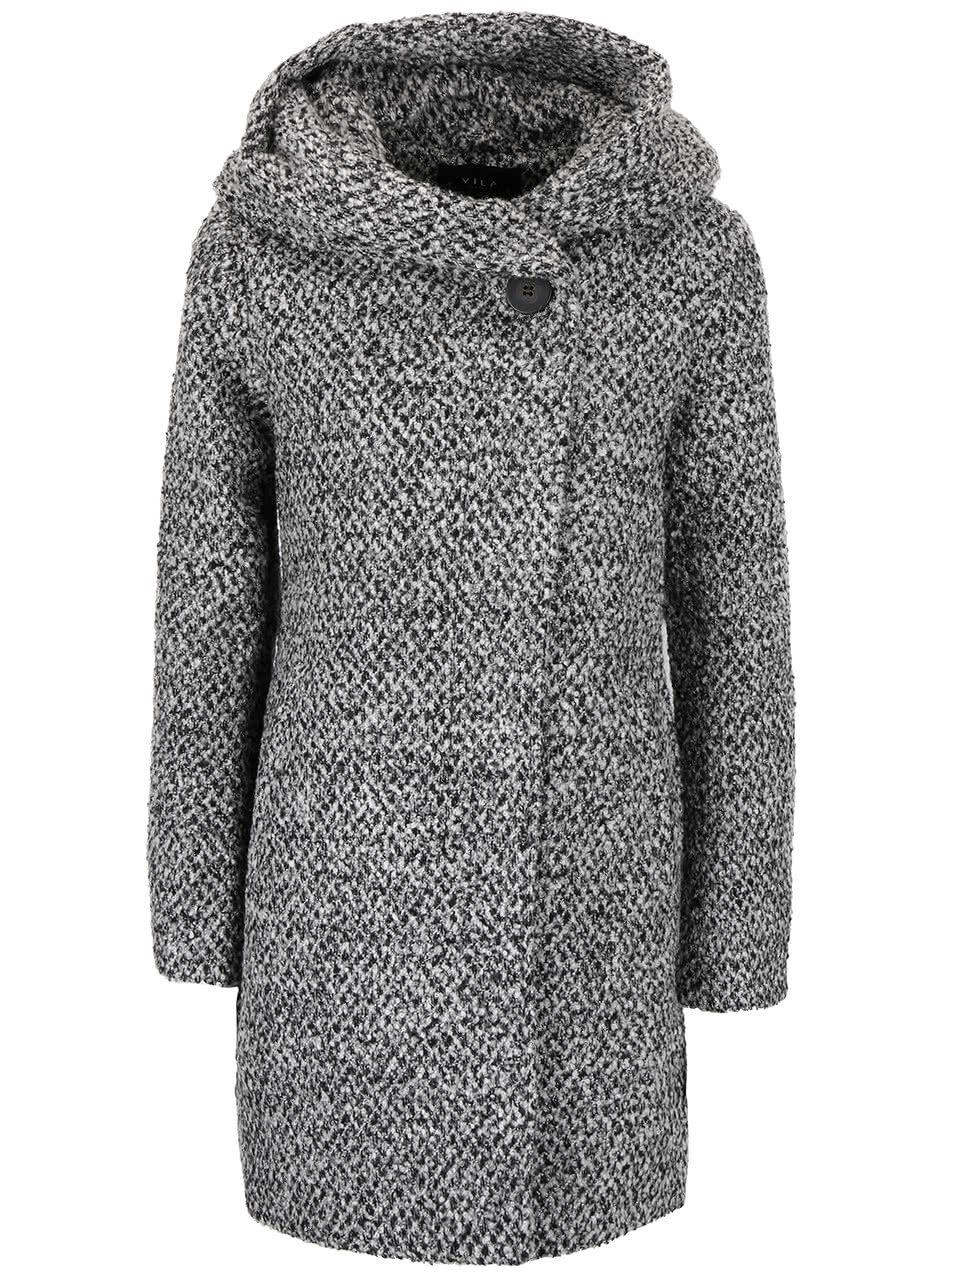 85eb6059b Čierno-sivý žíhaný zimný kabát s veľkou kapucňou VILA Cama | ZOOT.sk